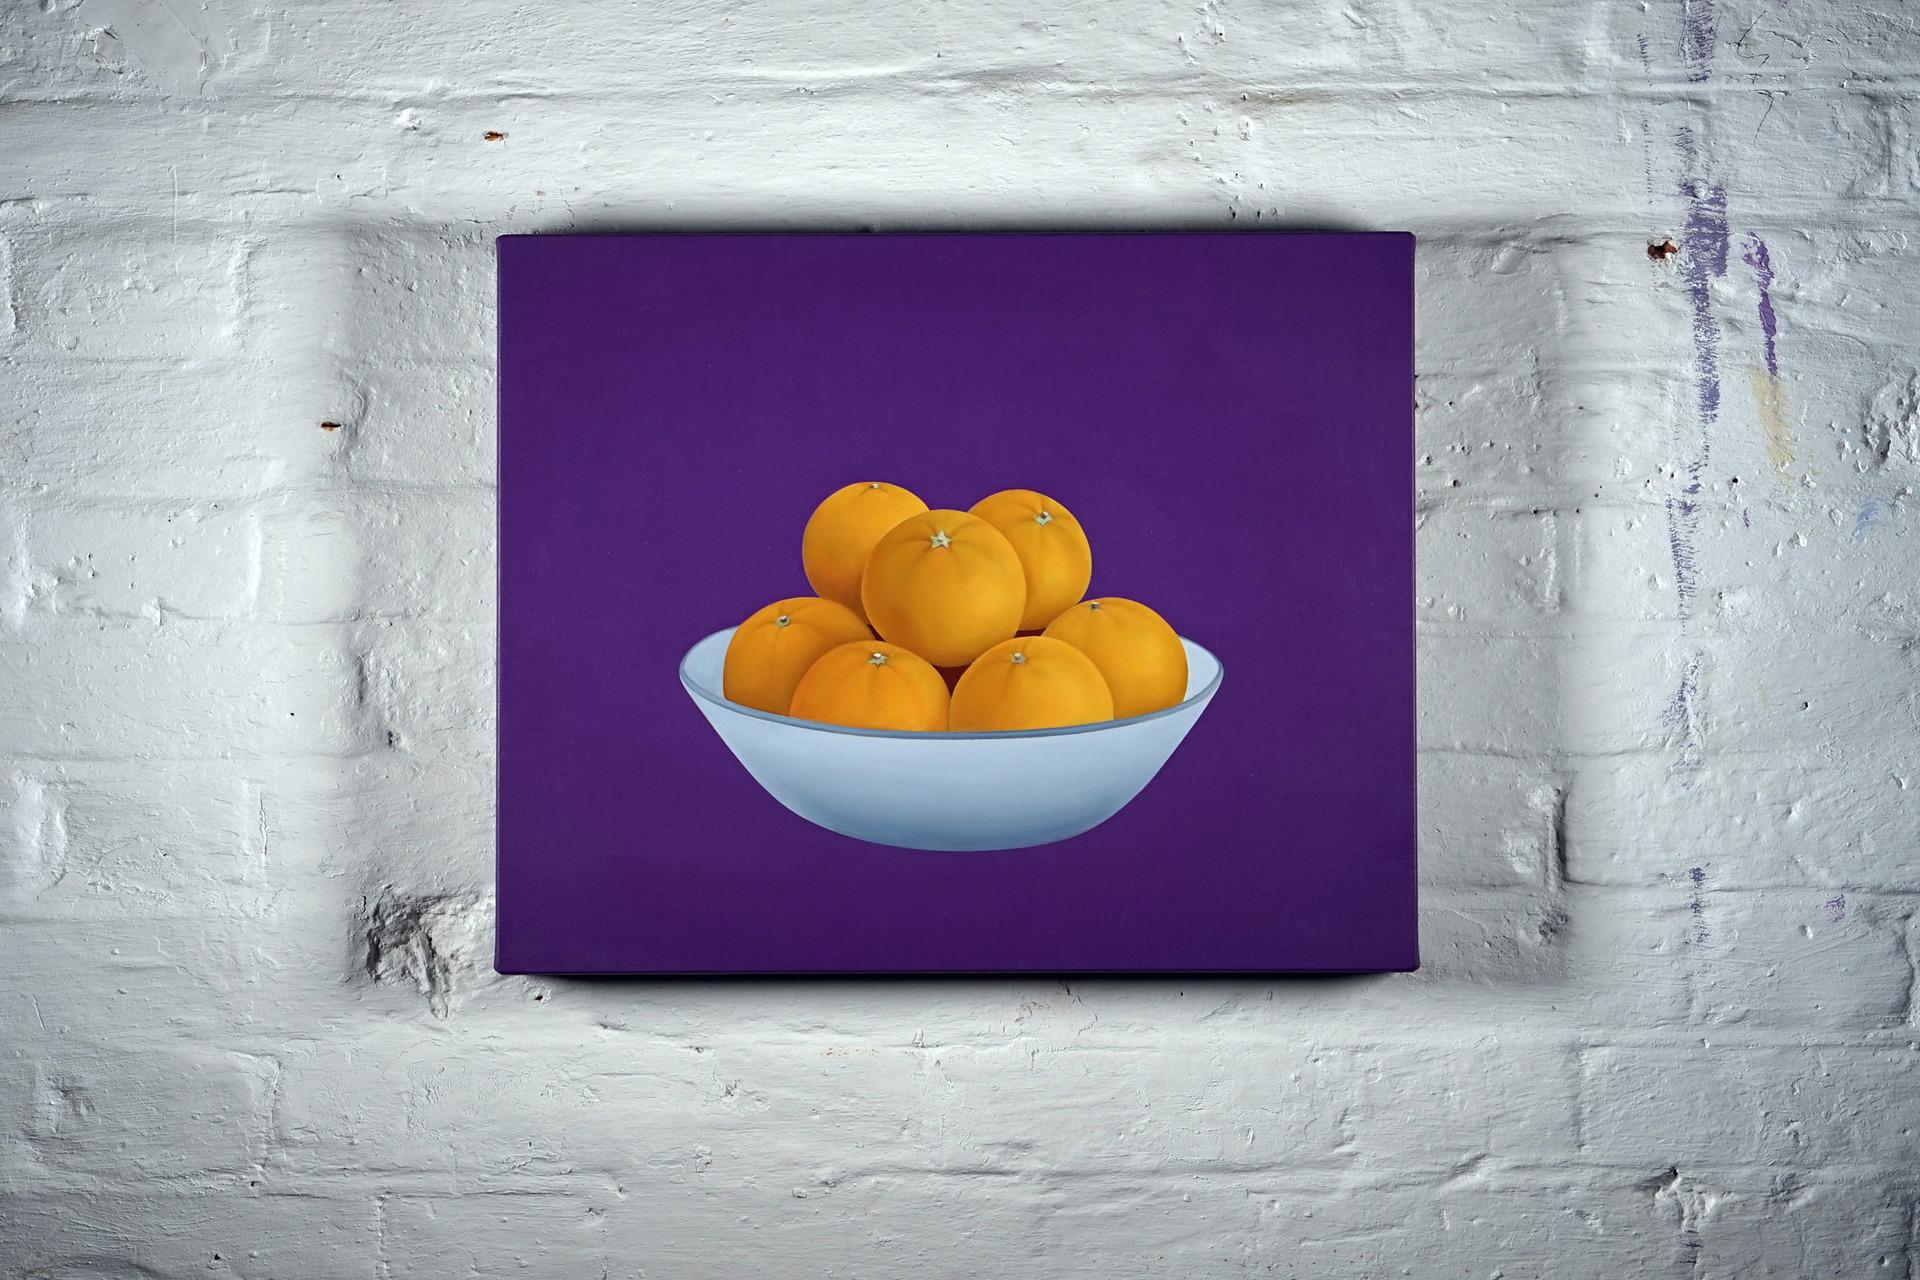 Ten Oranges